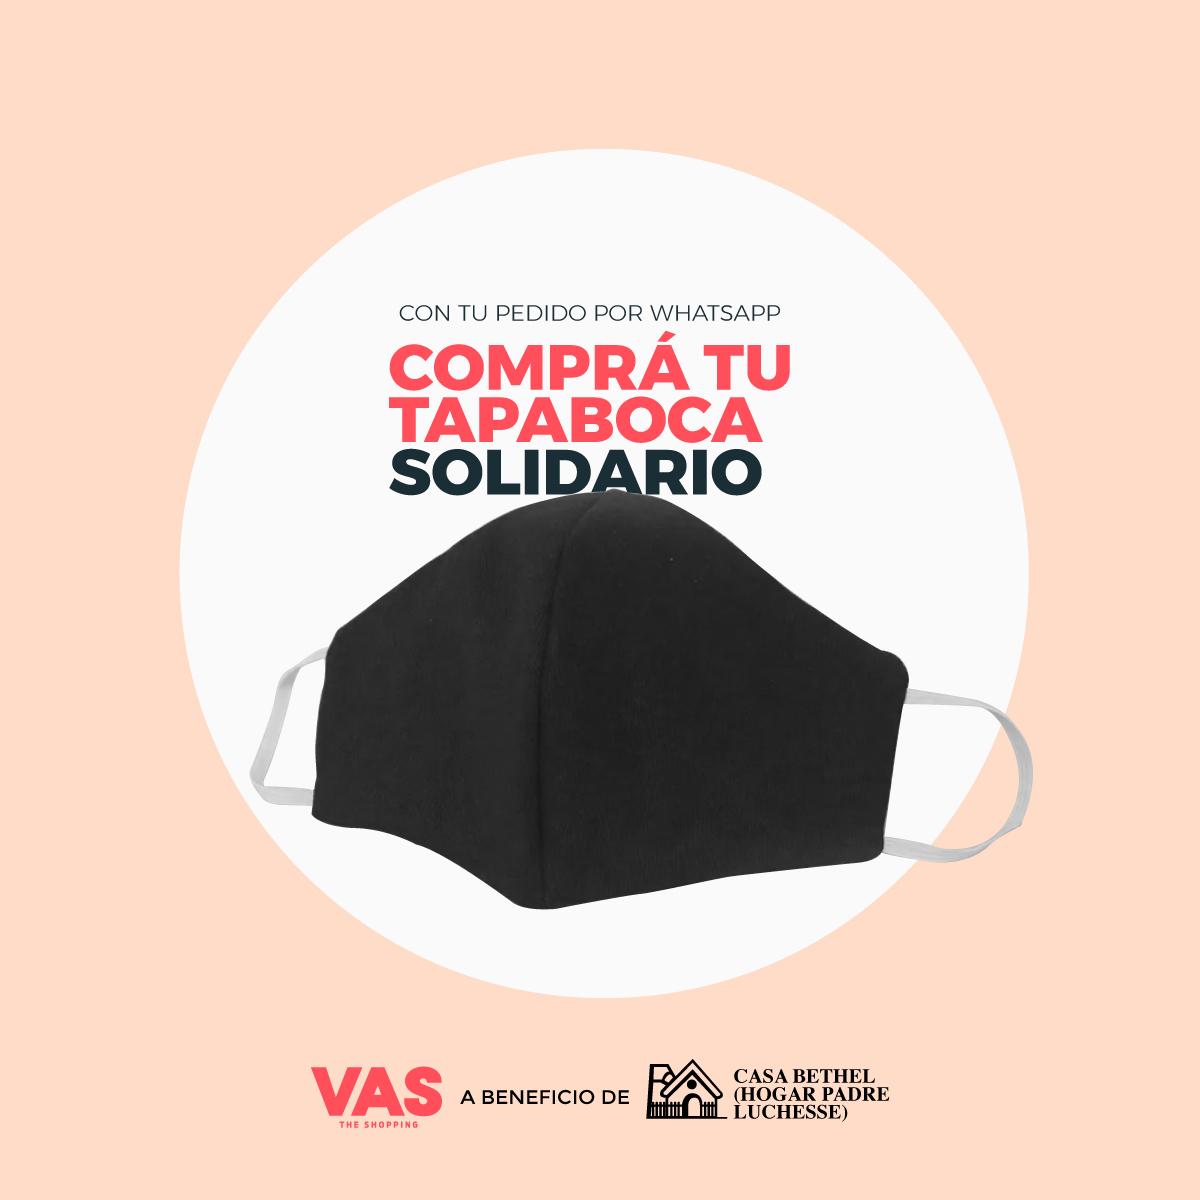 Tapaboca Solidario